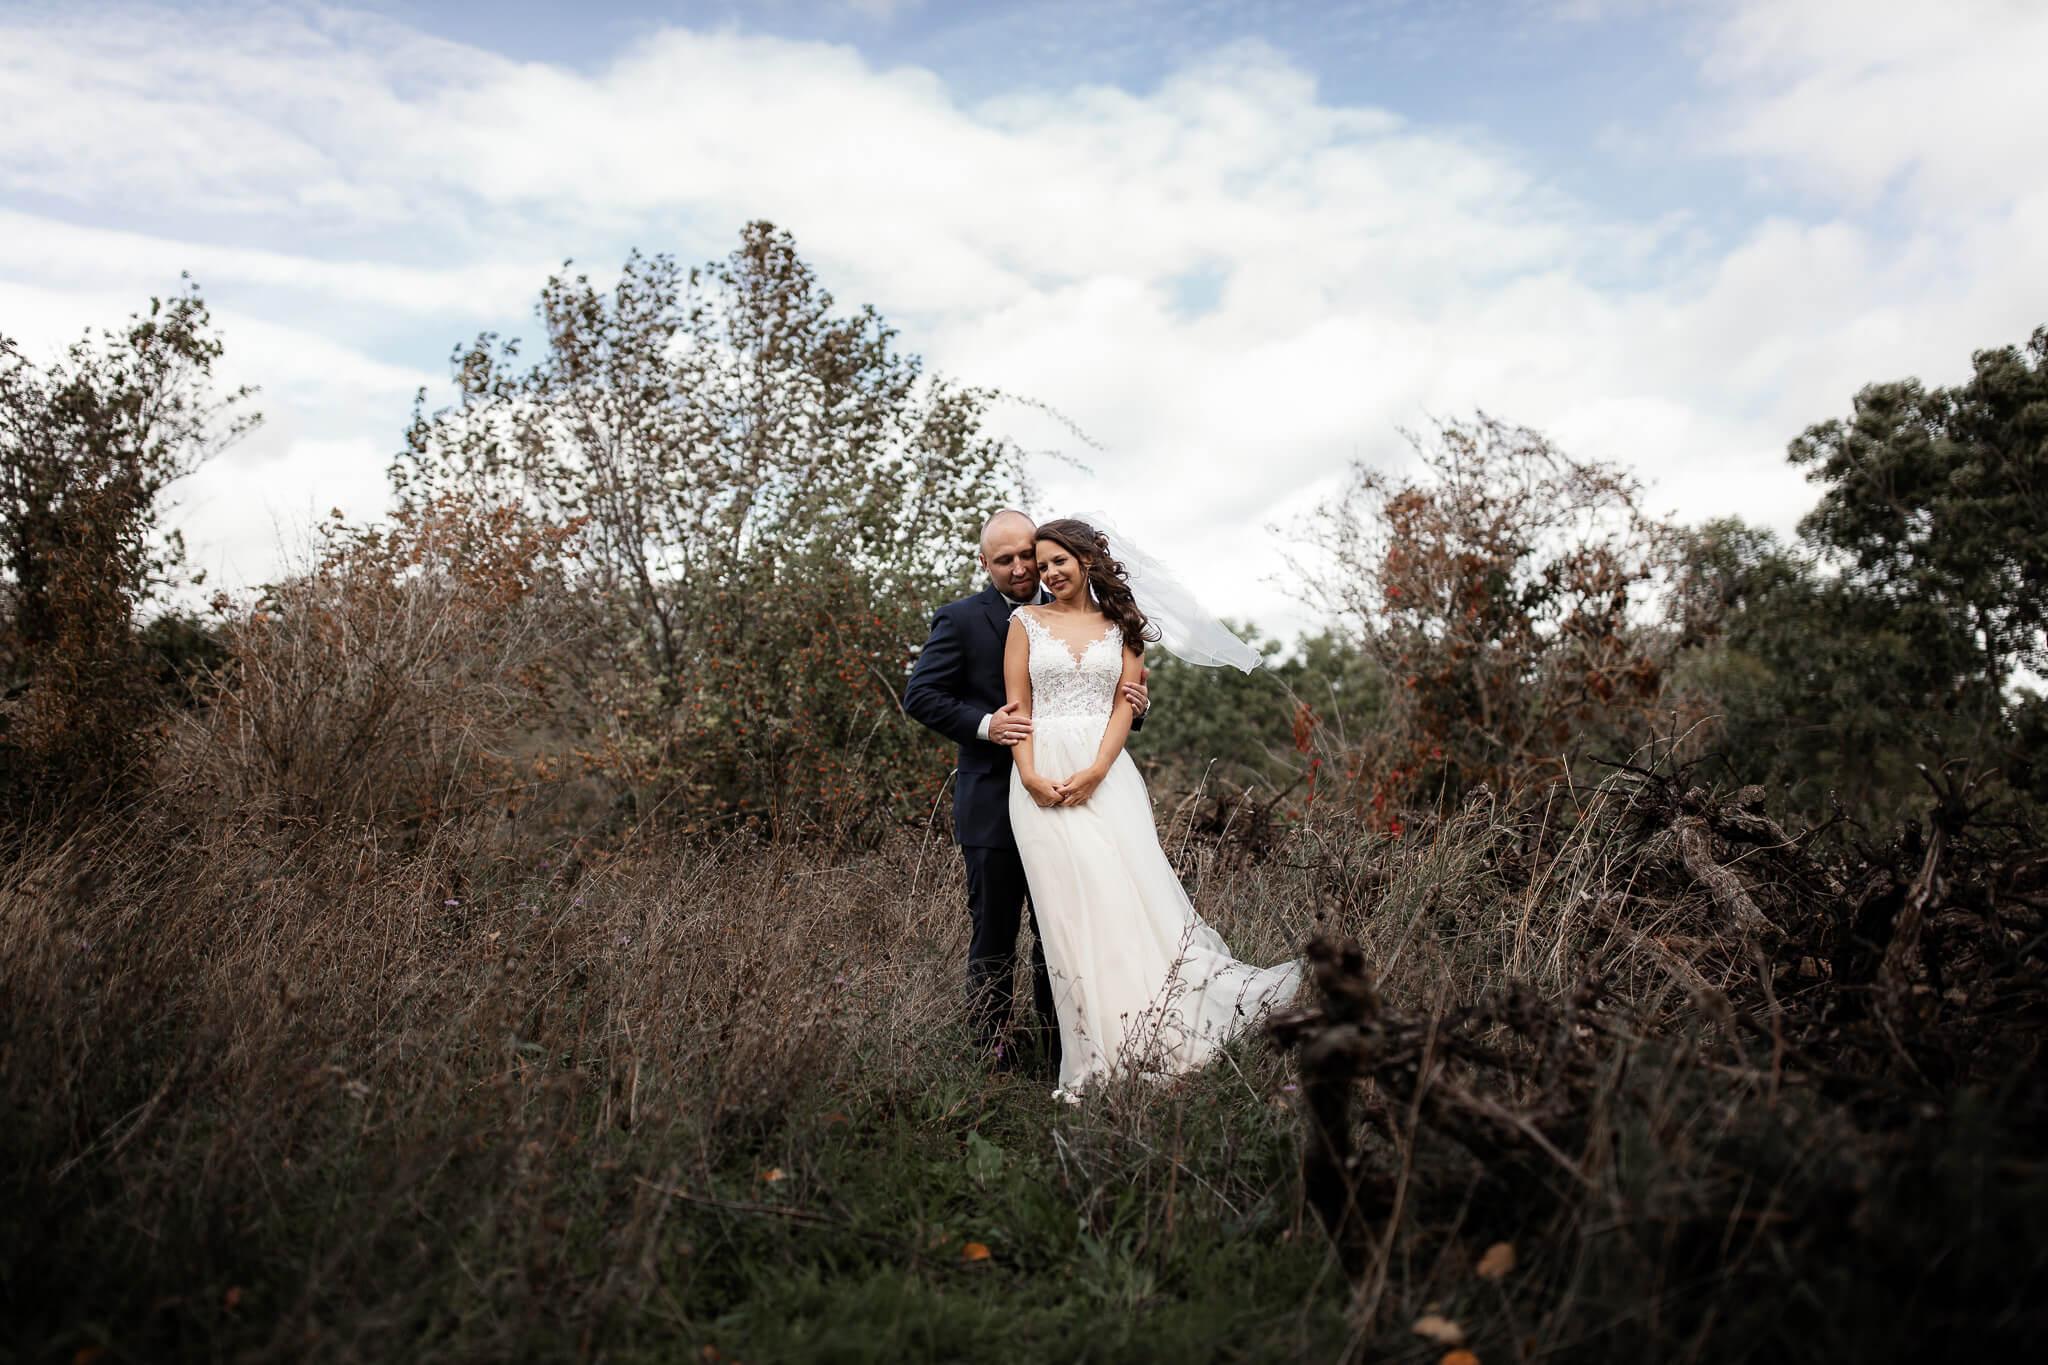 Als Hochzeitsfotograf in Mörstadt - Jan und Anika 18